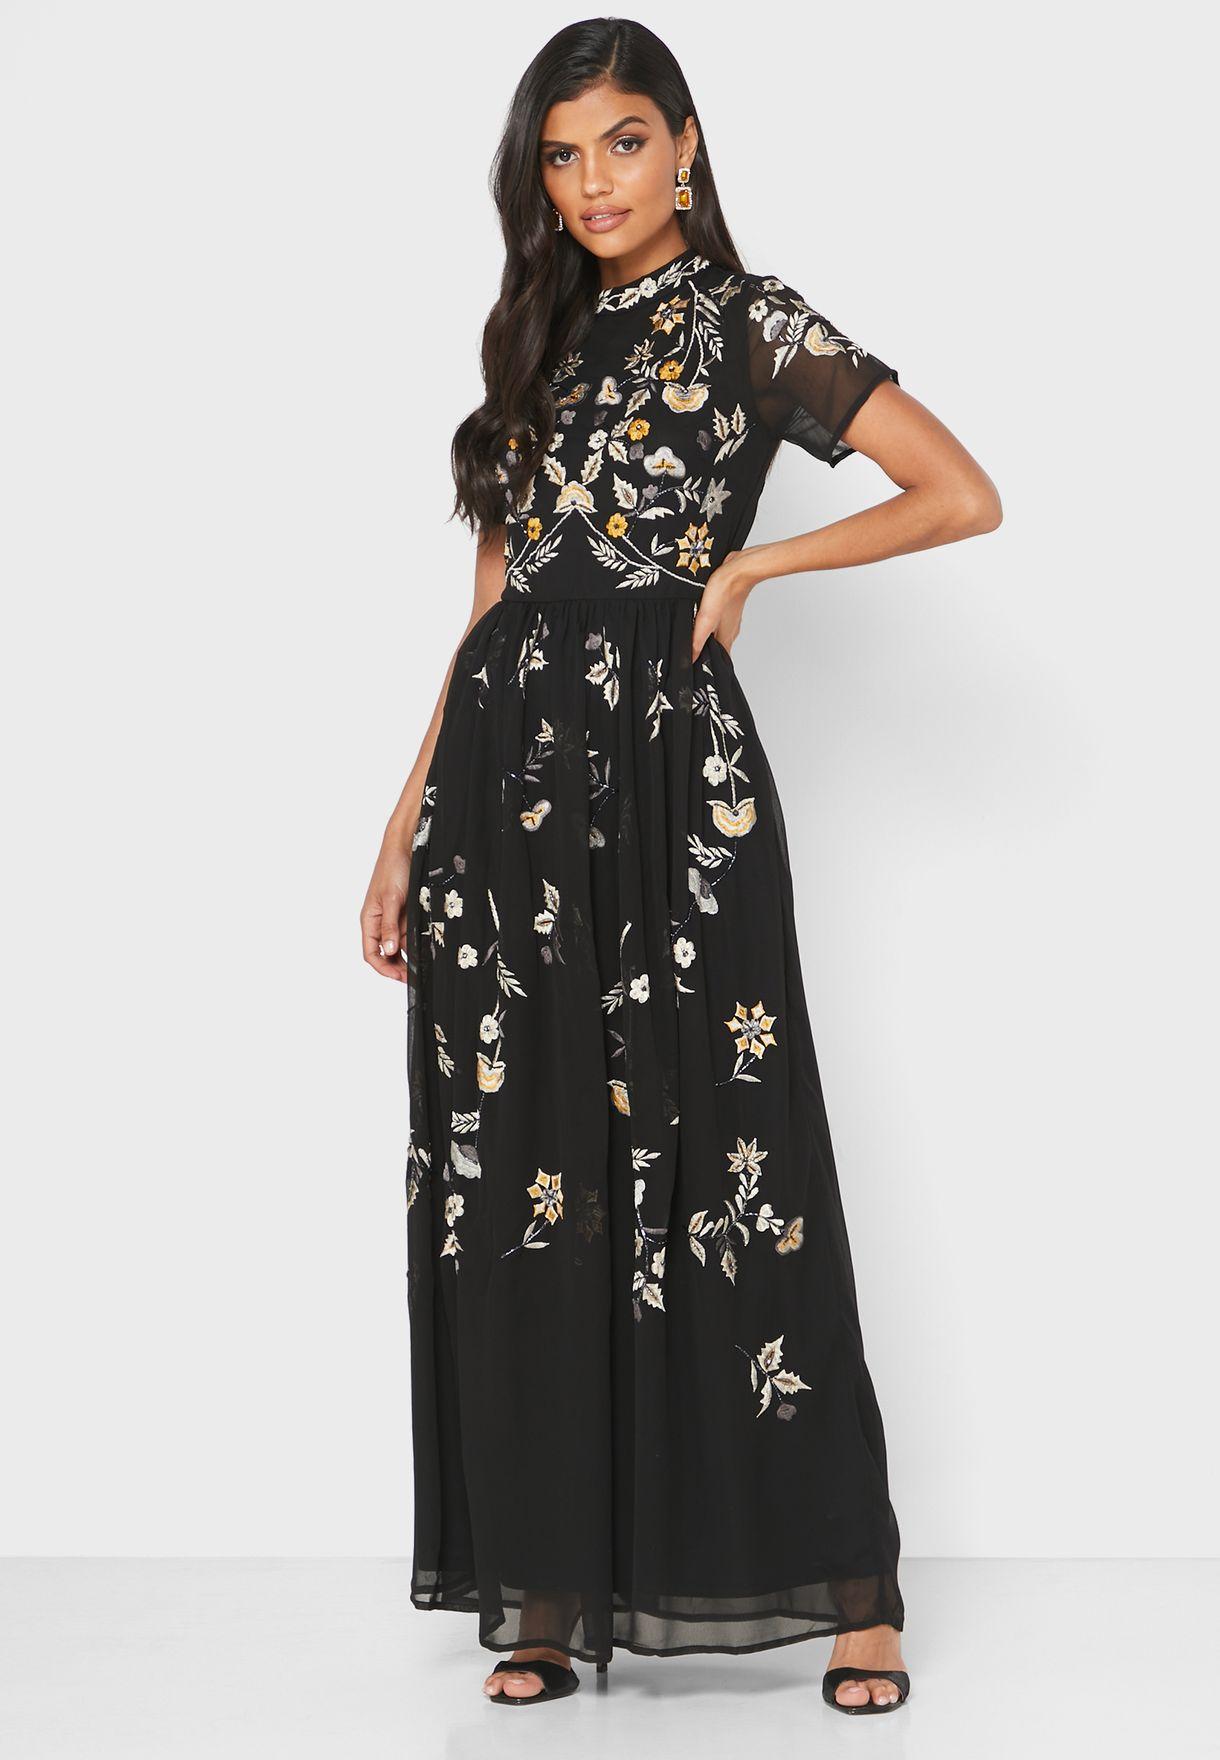 فستان مزين بتطريز وأحجار